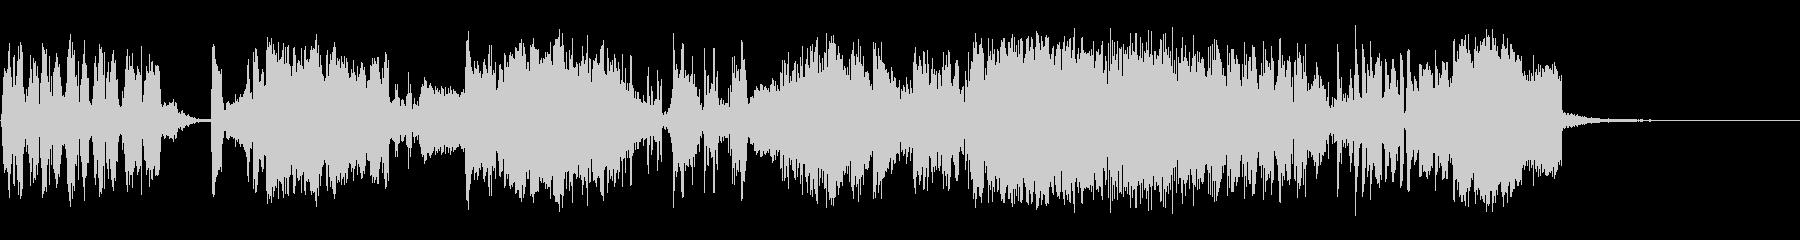 高オクタンの未再生の波形